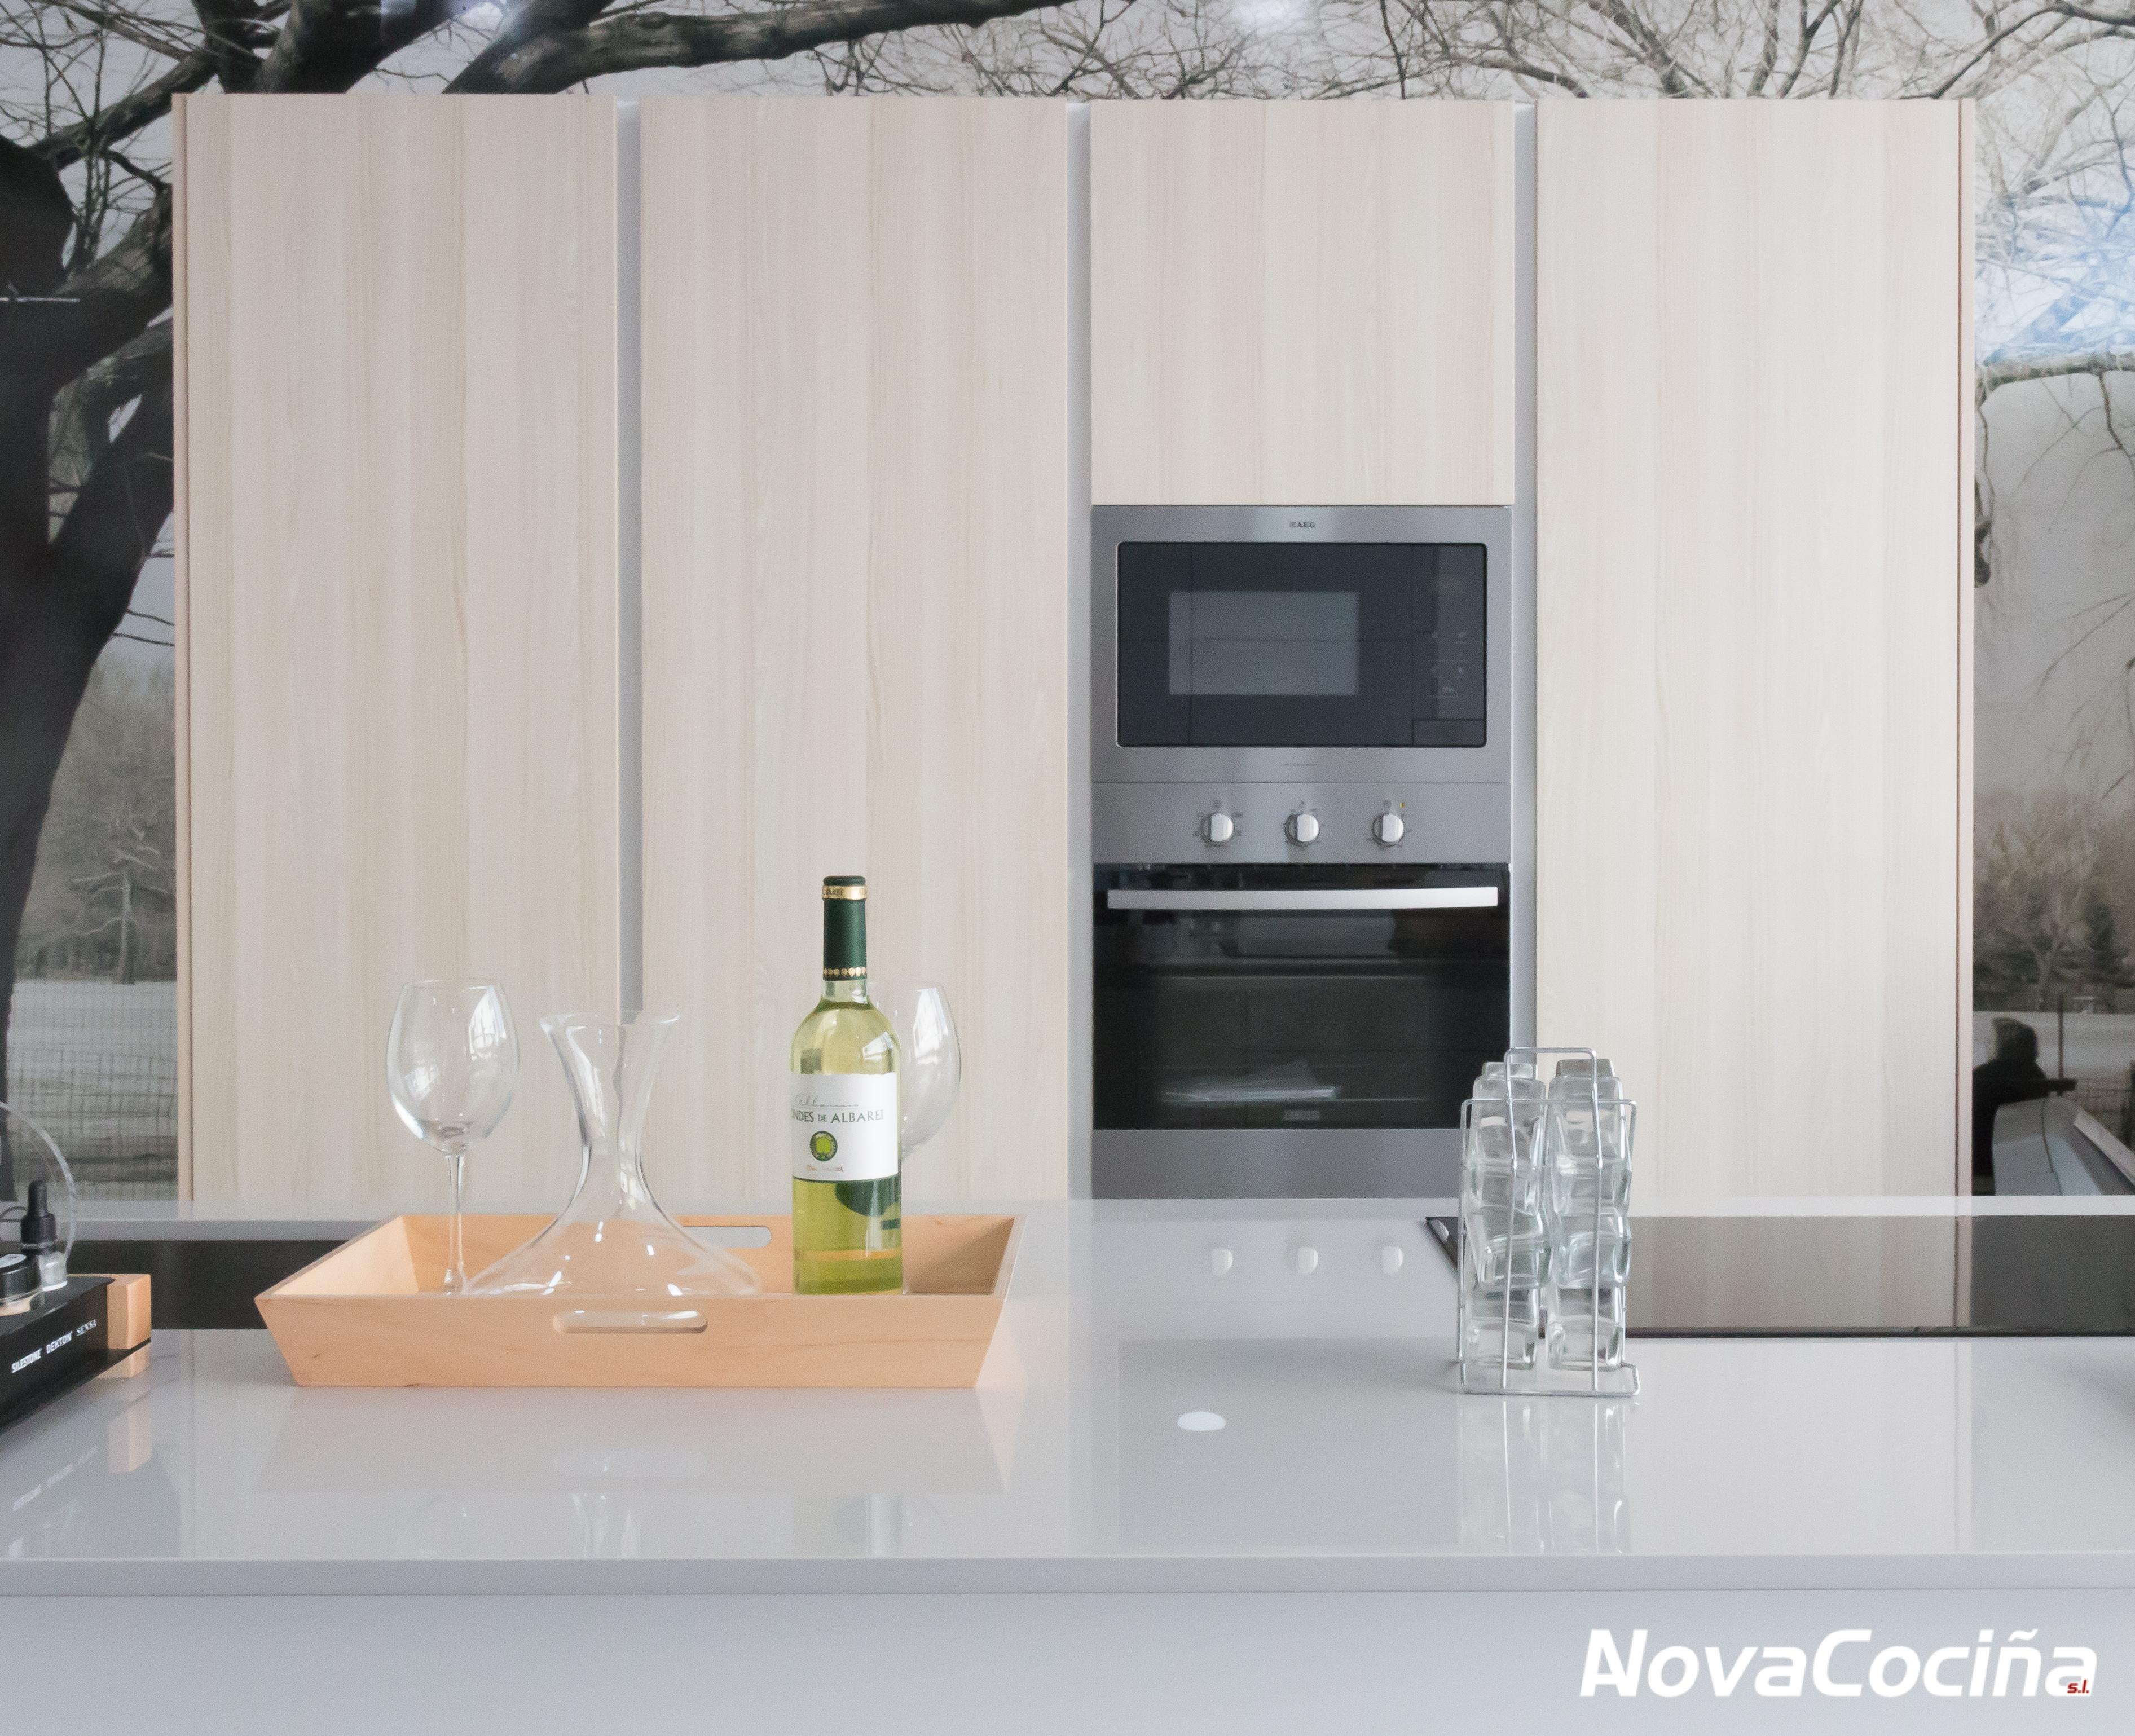 Cocina tipo isla con muebles y electrodomésticos | ANova Cociña